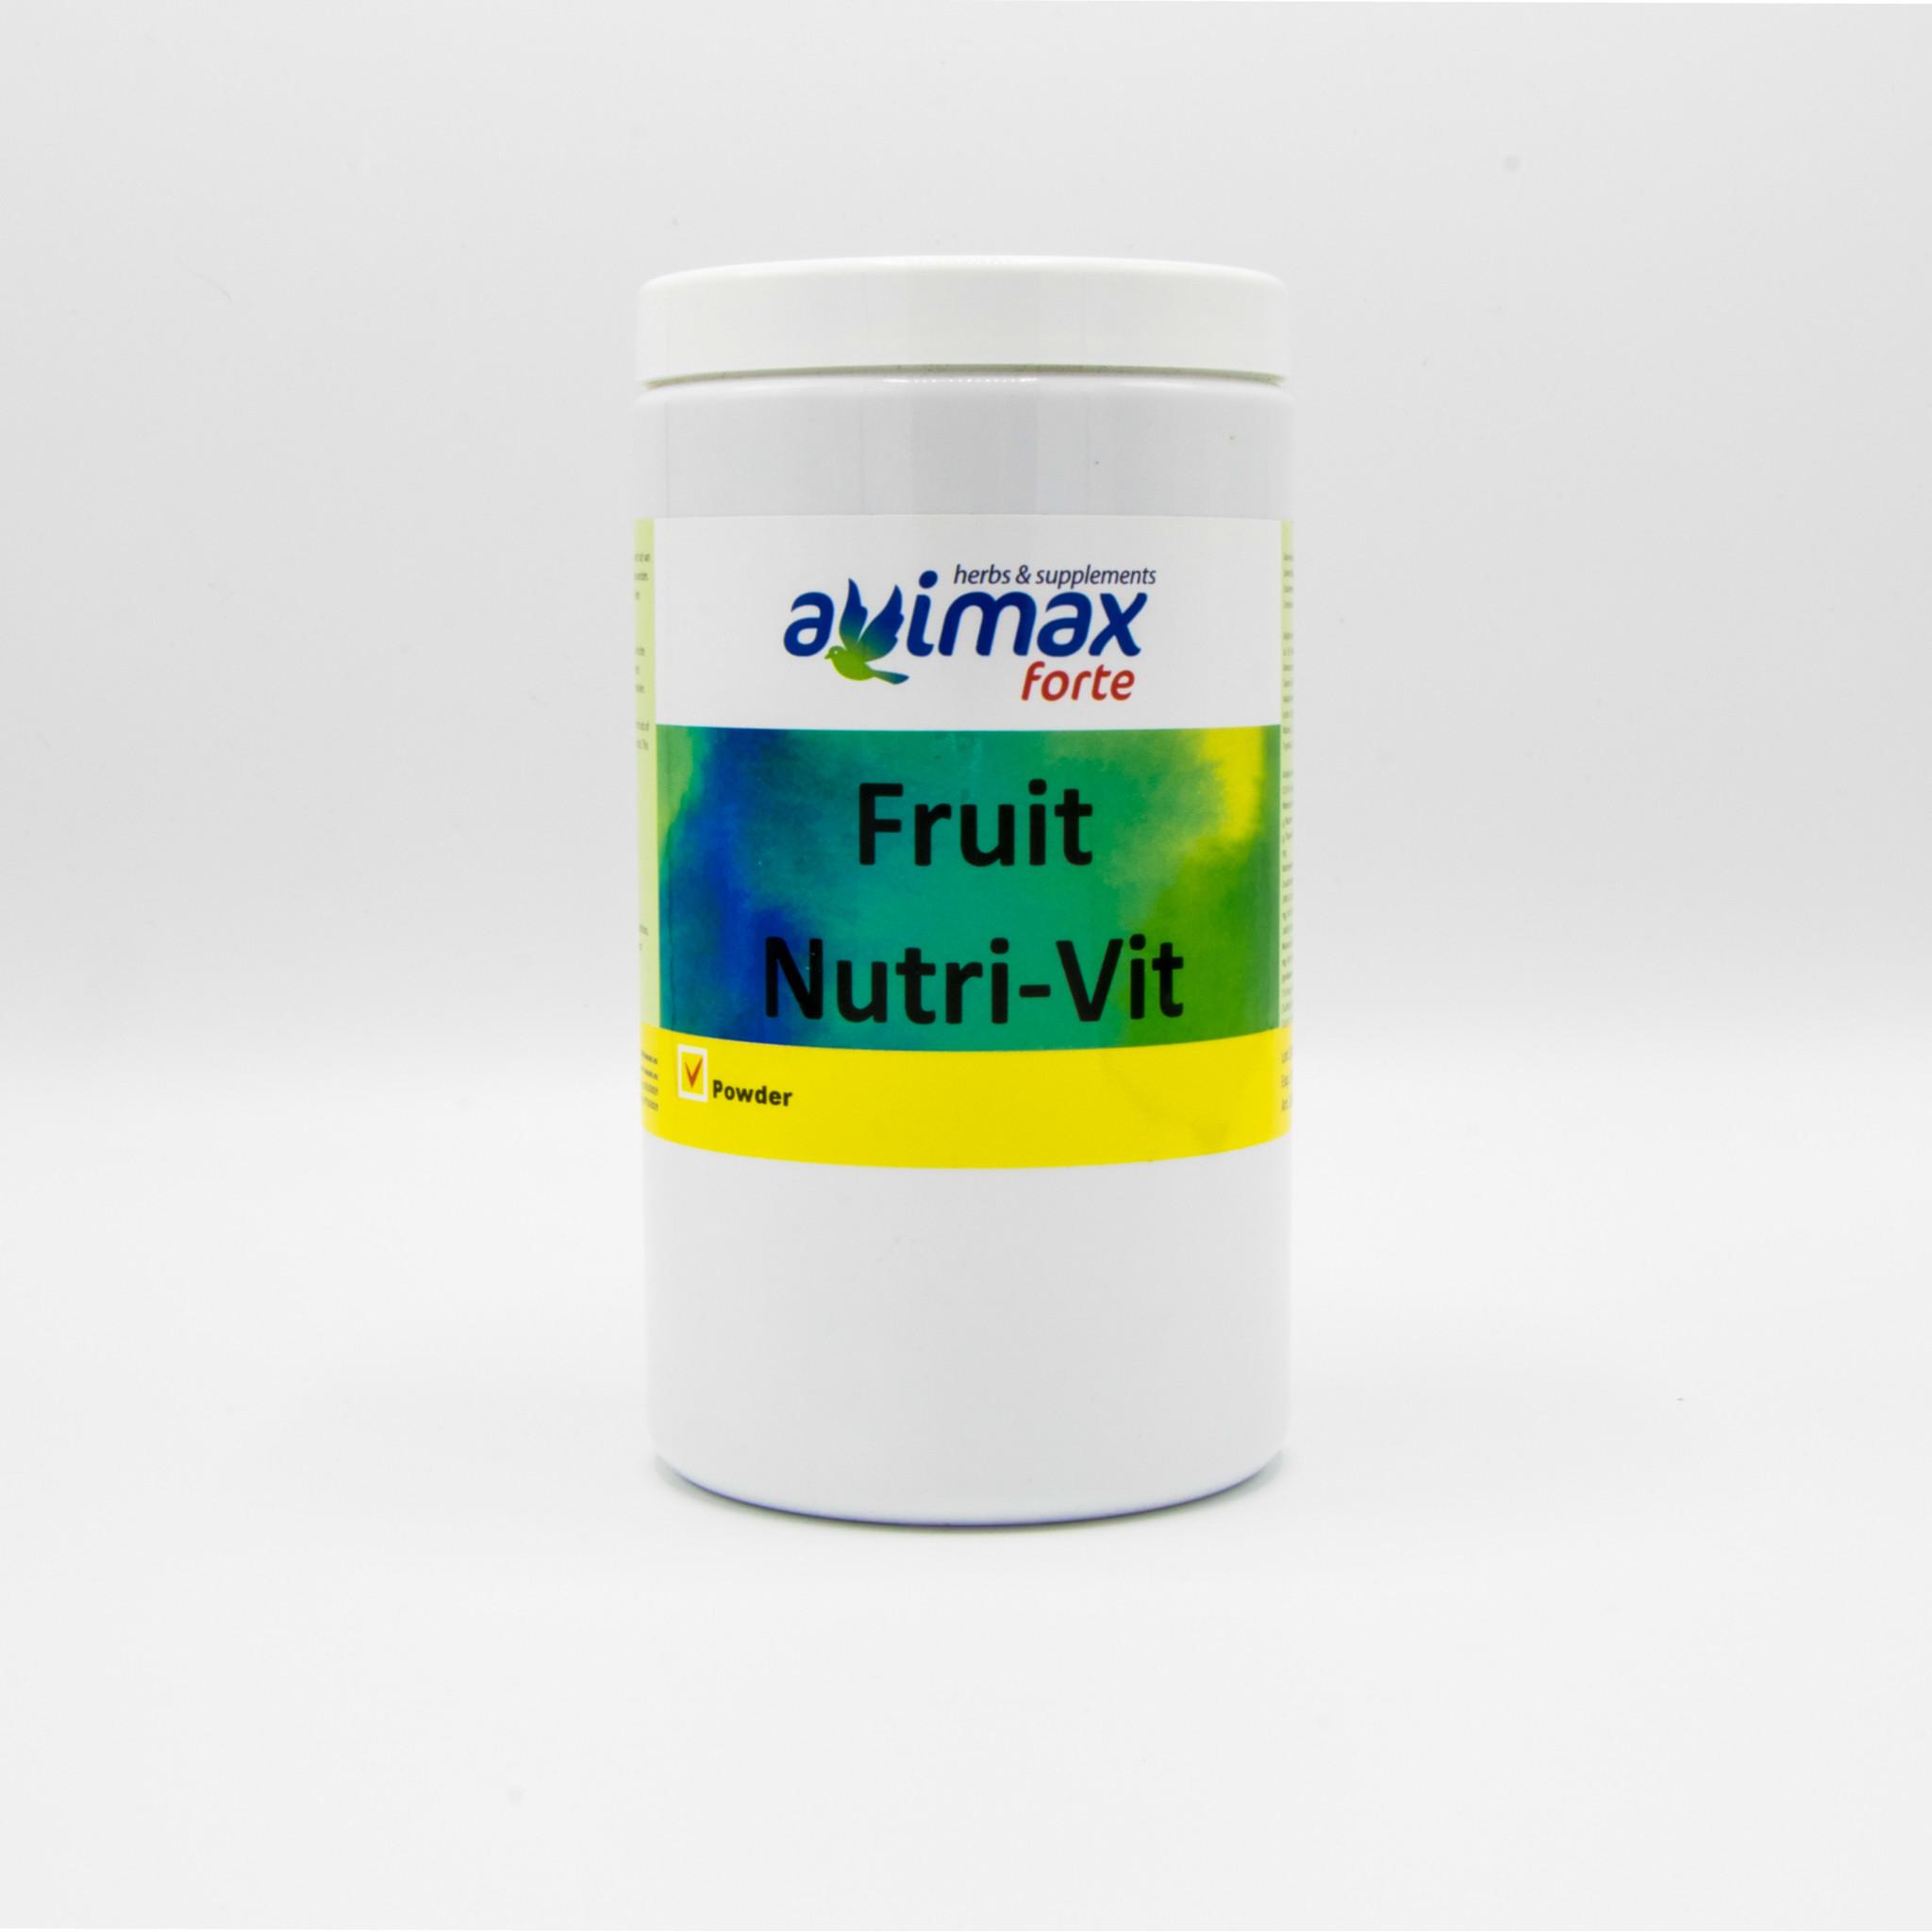 AviMax Forte AviMax Forte Fruit Nutri-Vit 600 gr